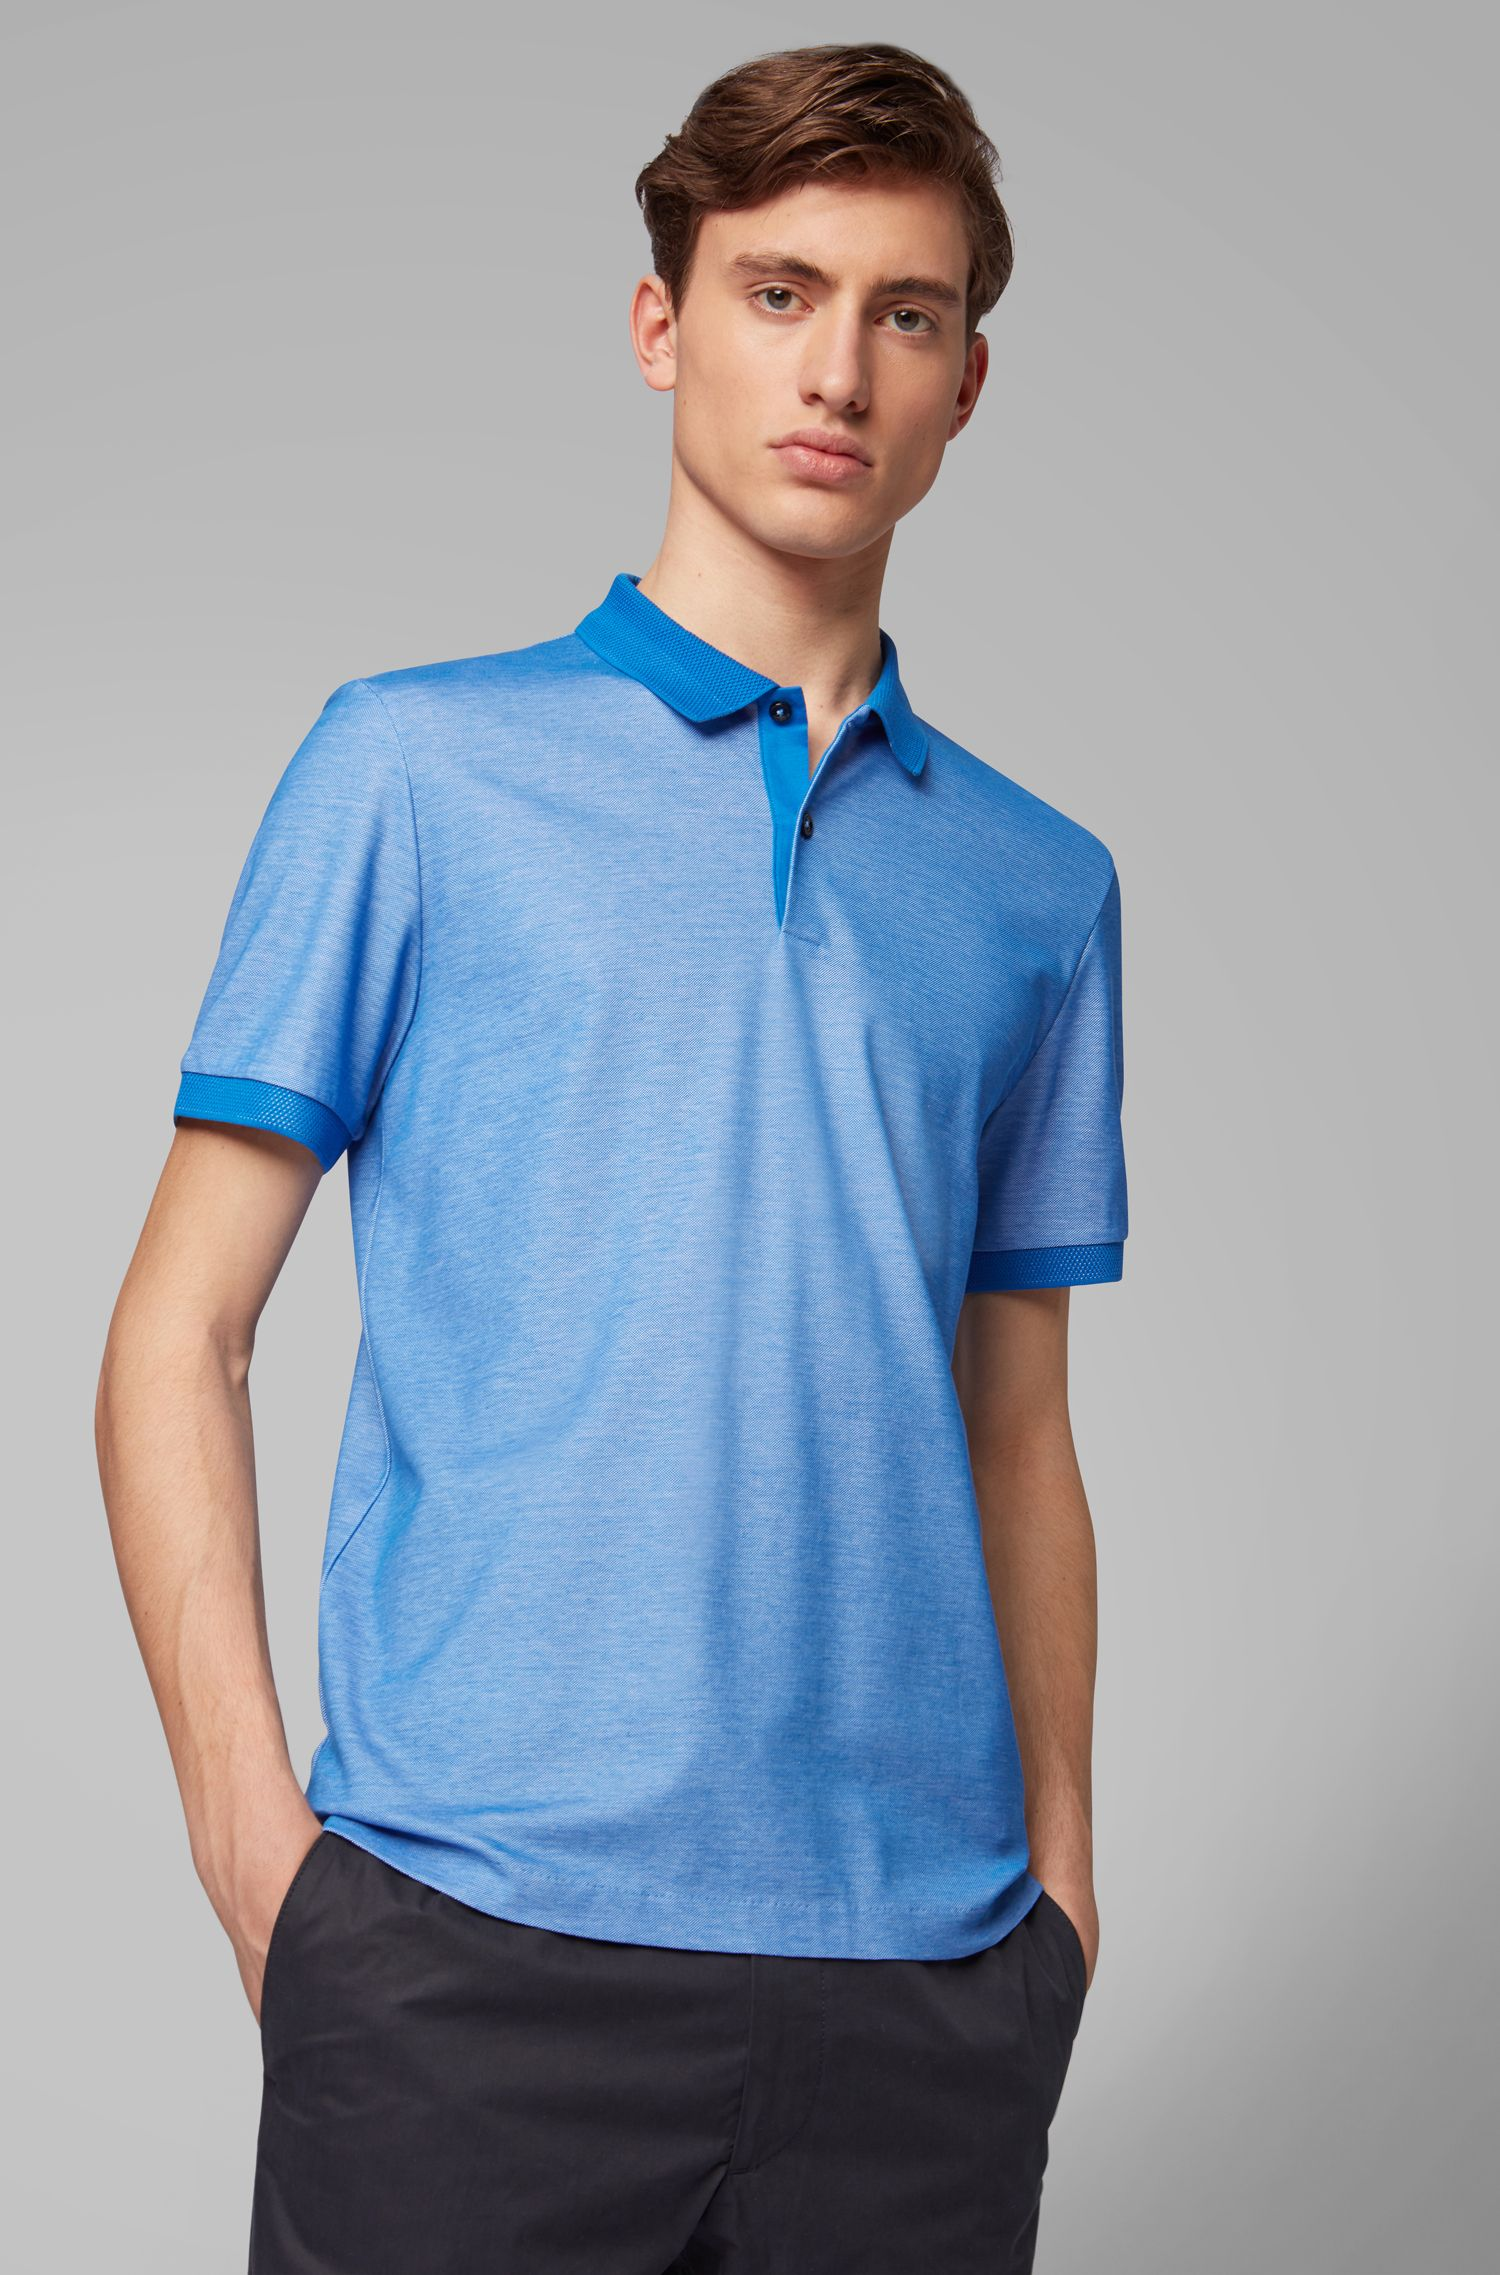 Poloshirt aus Baumwolle mit zweifarbiger Wabenstruktur, Blau